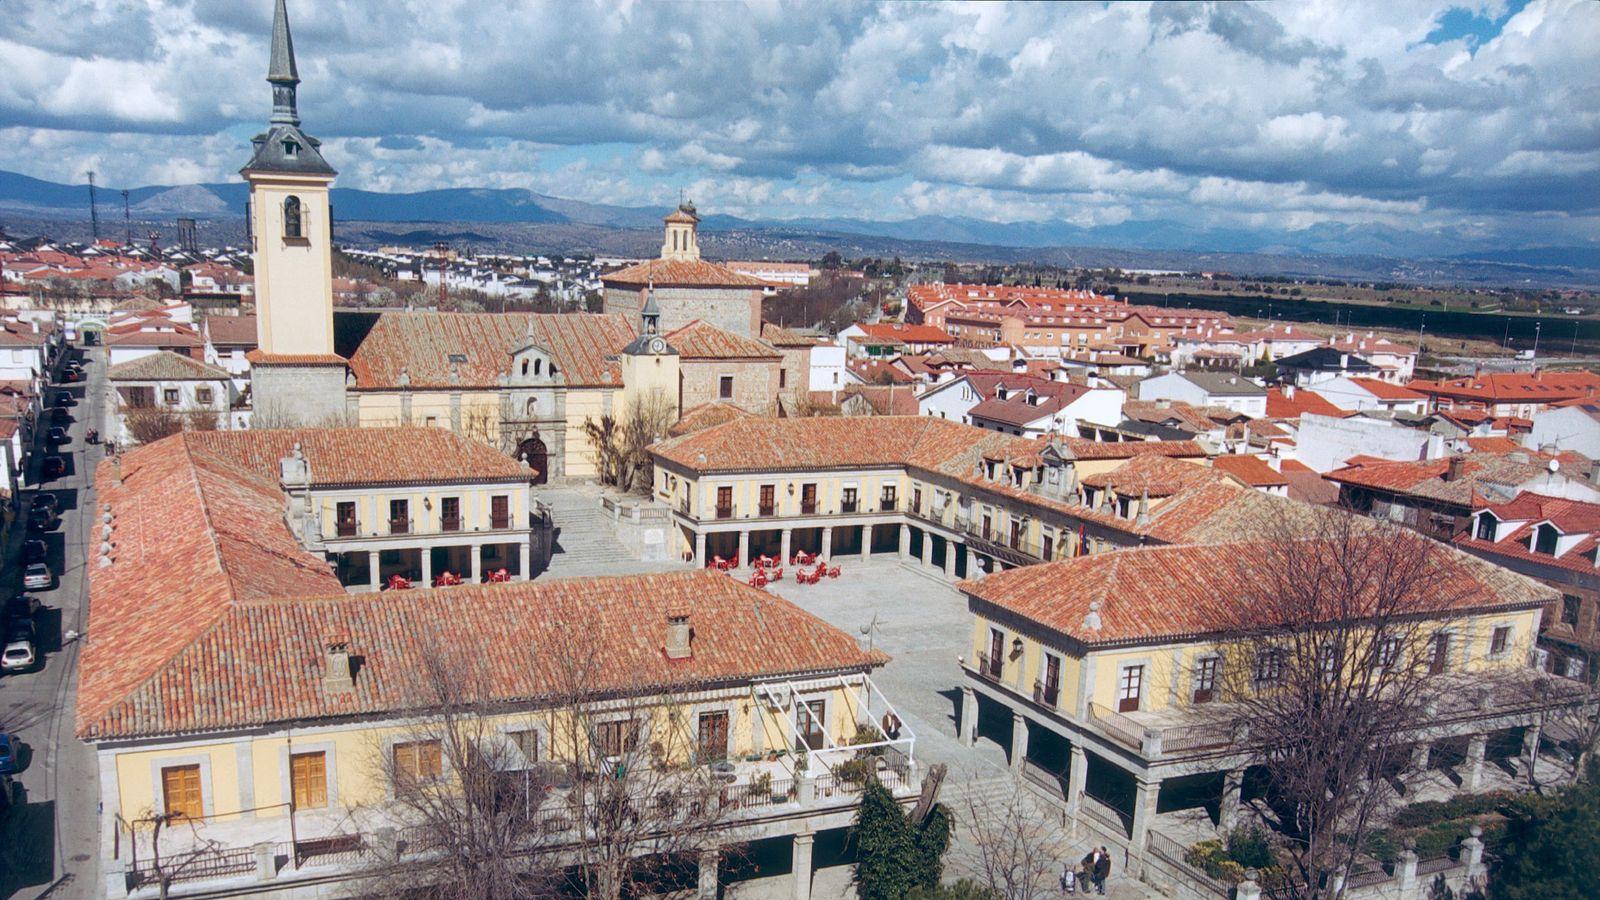 Foto: El tiempo en Brunete. (C.C./Dirección General de Turismo. Comunidad de Madrid.)